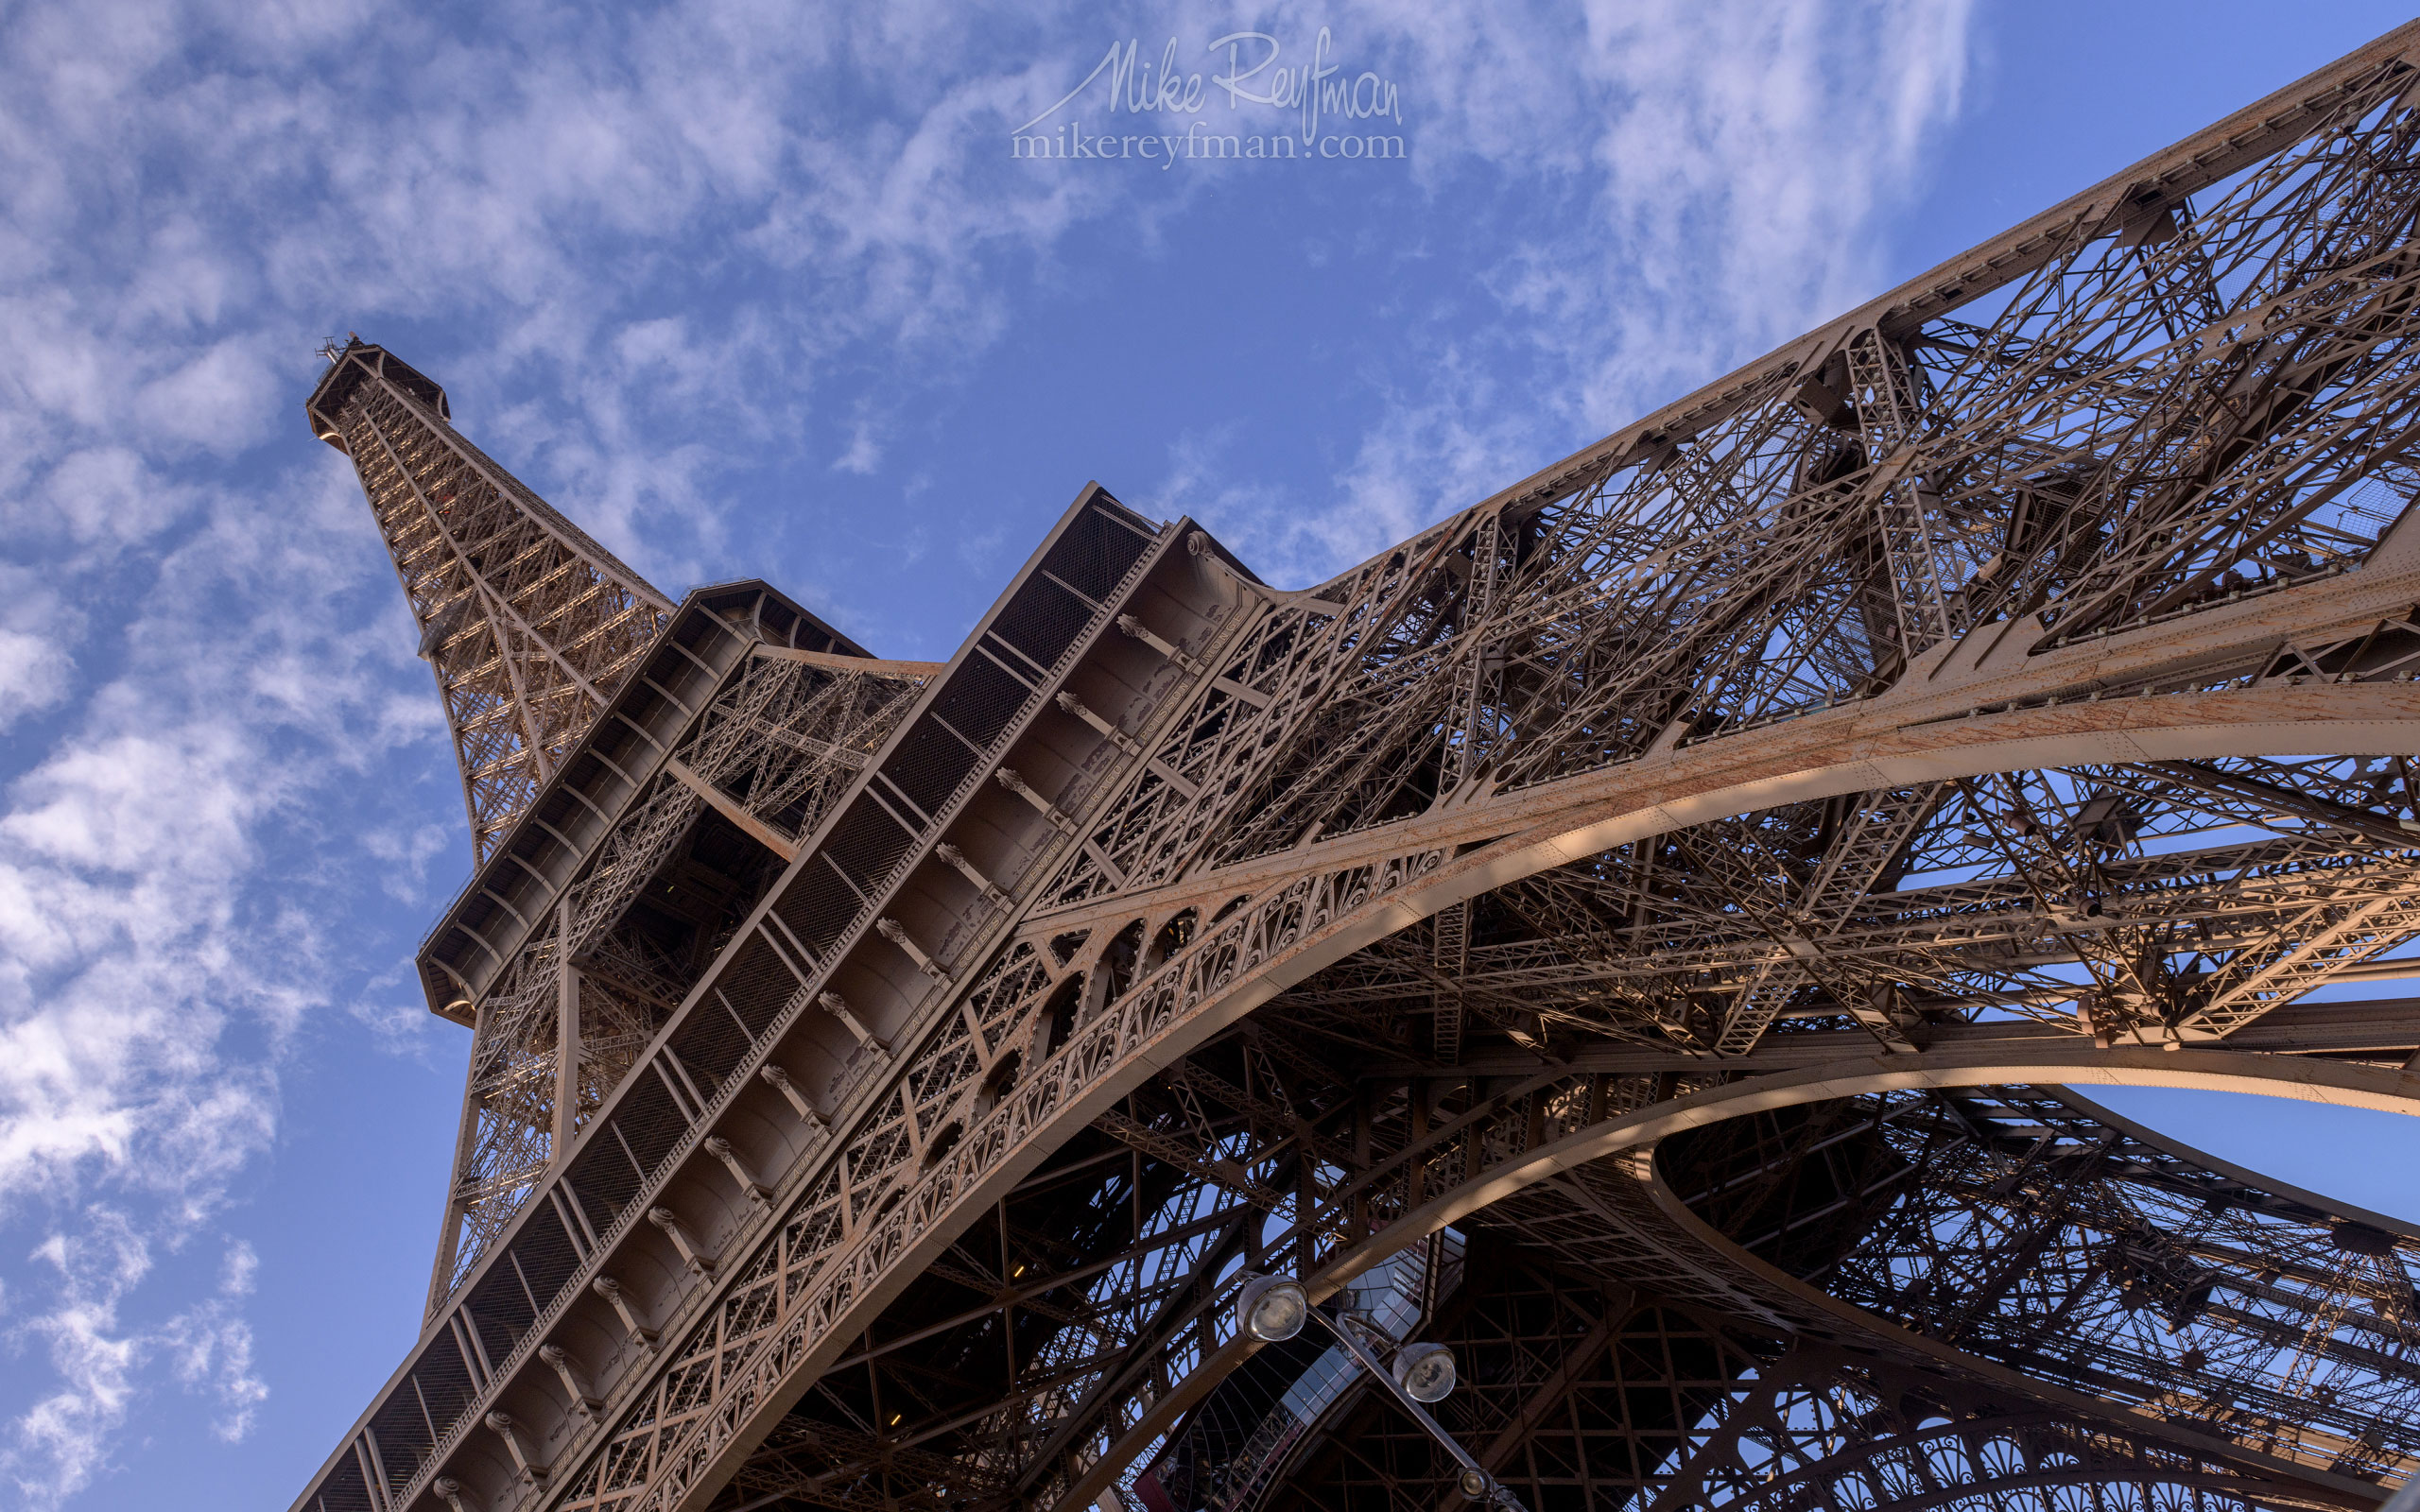 The Eiffel Tower  Champ de Mars, Paris, France FR1-MR50A1714